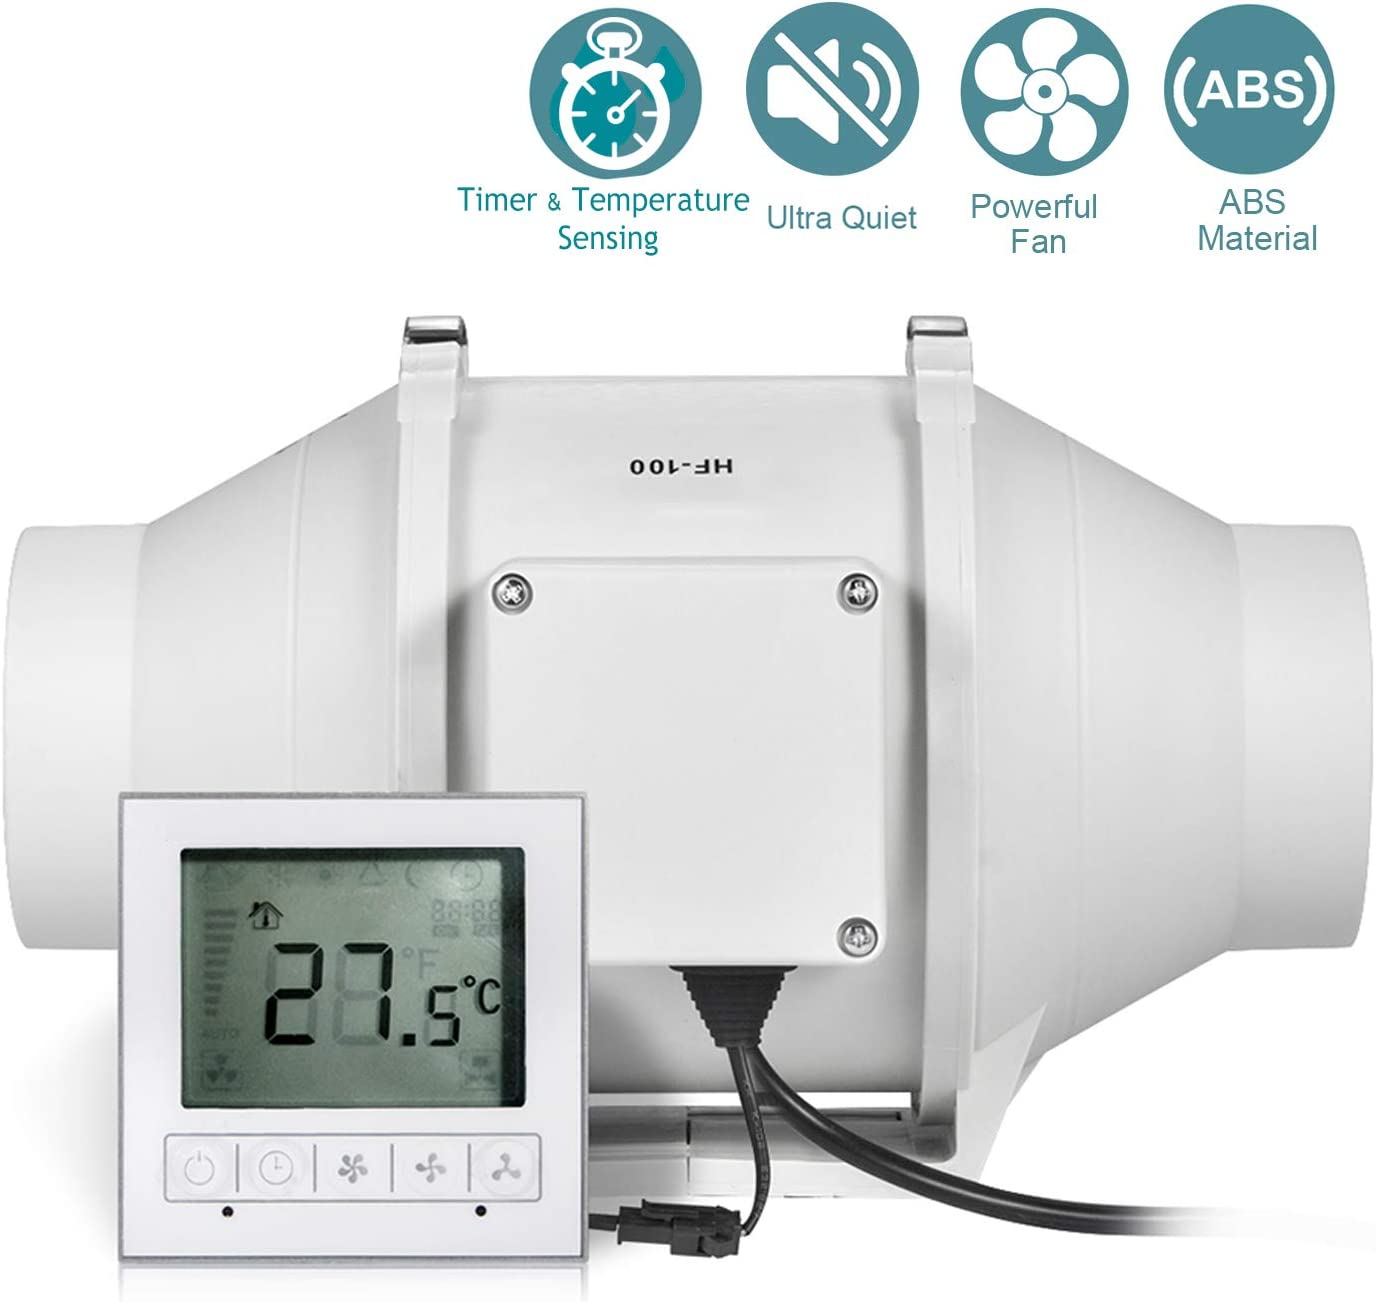 Ventilador Extractor, HG POWER Ventilador de desagüe ajustable con regulador de velocidad, retardo de encendido, silencioso, ventilador de canal, ventilador de tuberías para ventilación